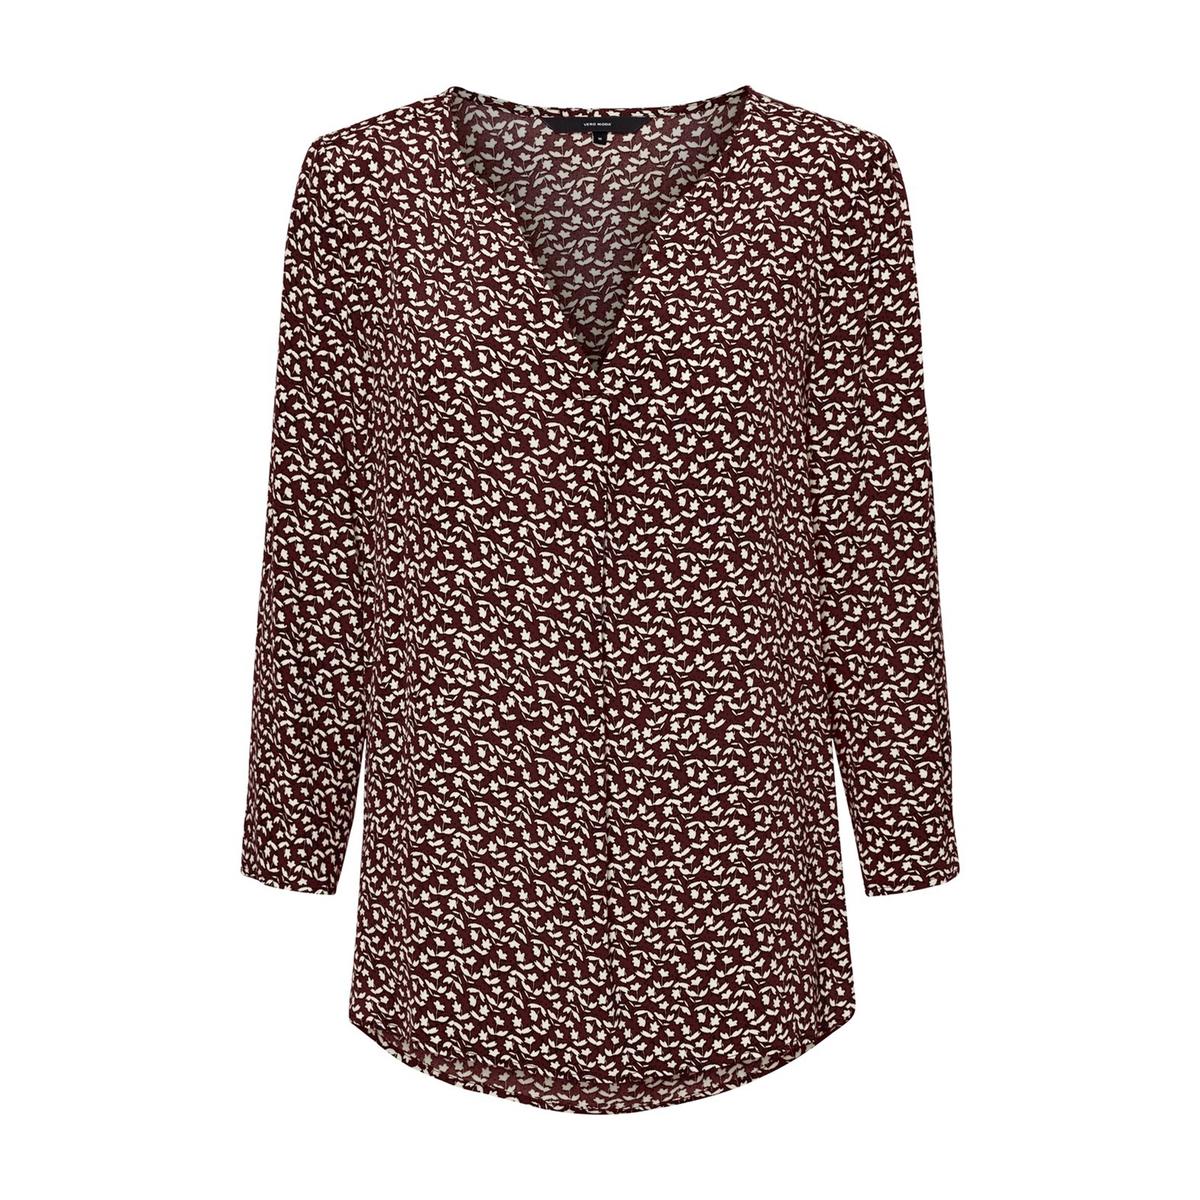 цена Блузка La Redoute С цветочным рисунком V-образным вырезом и рукавами L каштановый онлайн в 2017 году